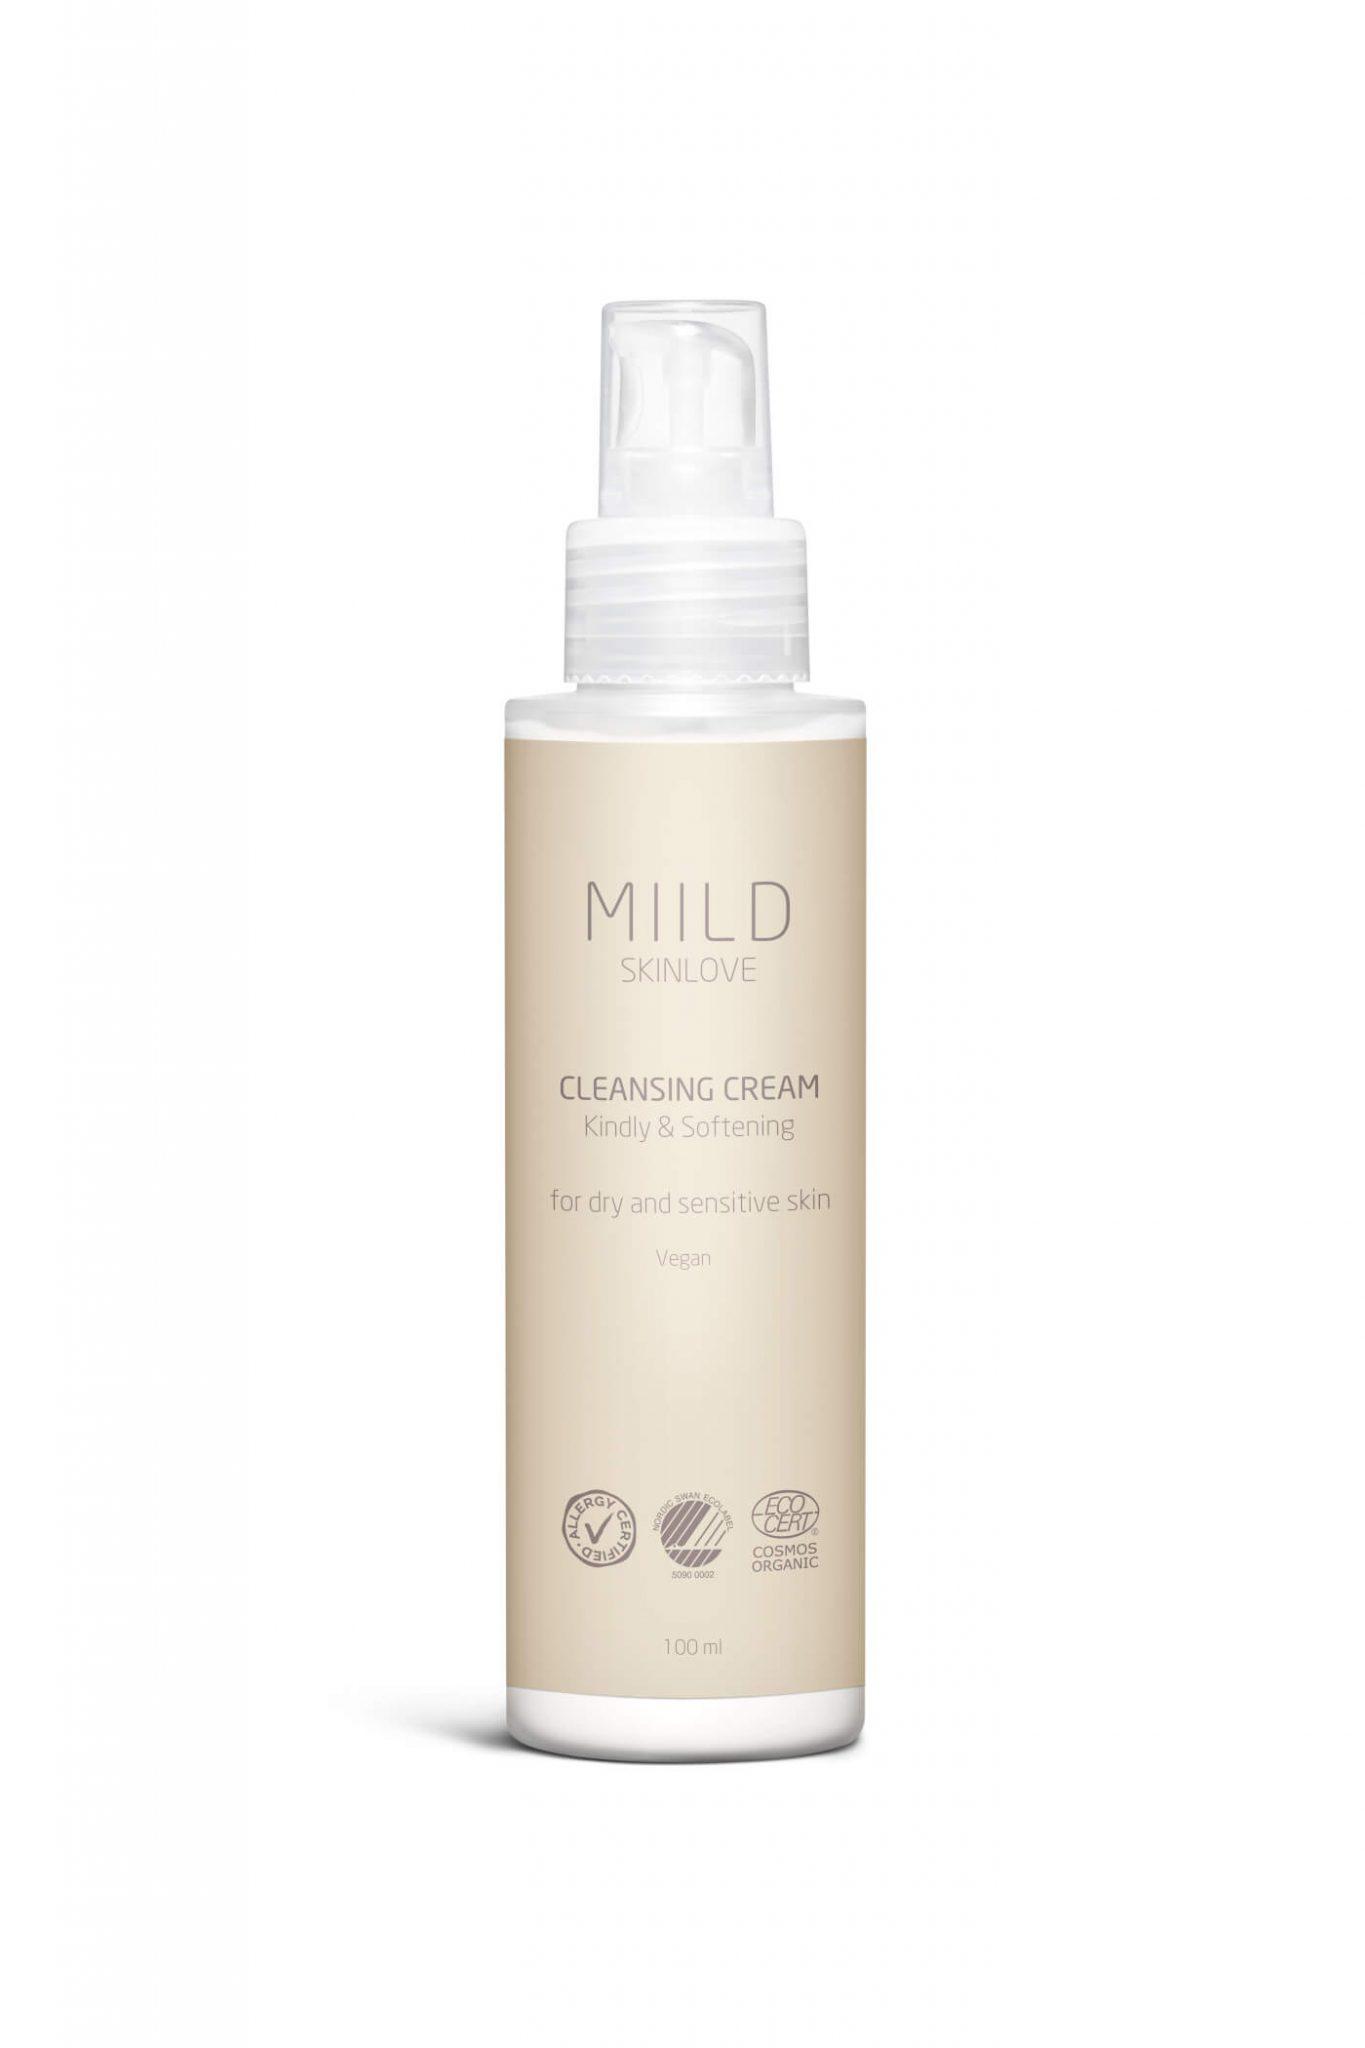 Miild Cleansing Cream er lavet på plejende og milde ingredienser, der efterlader huden renset uden at føles udtørrende.